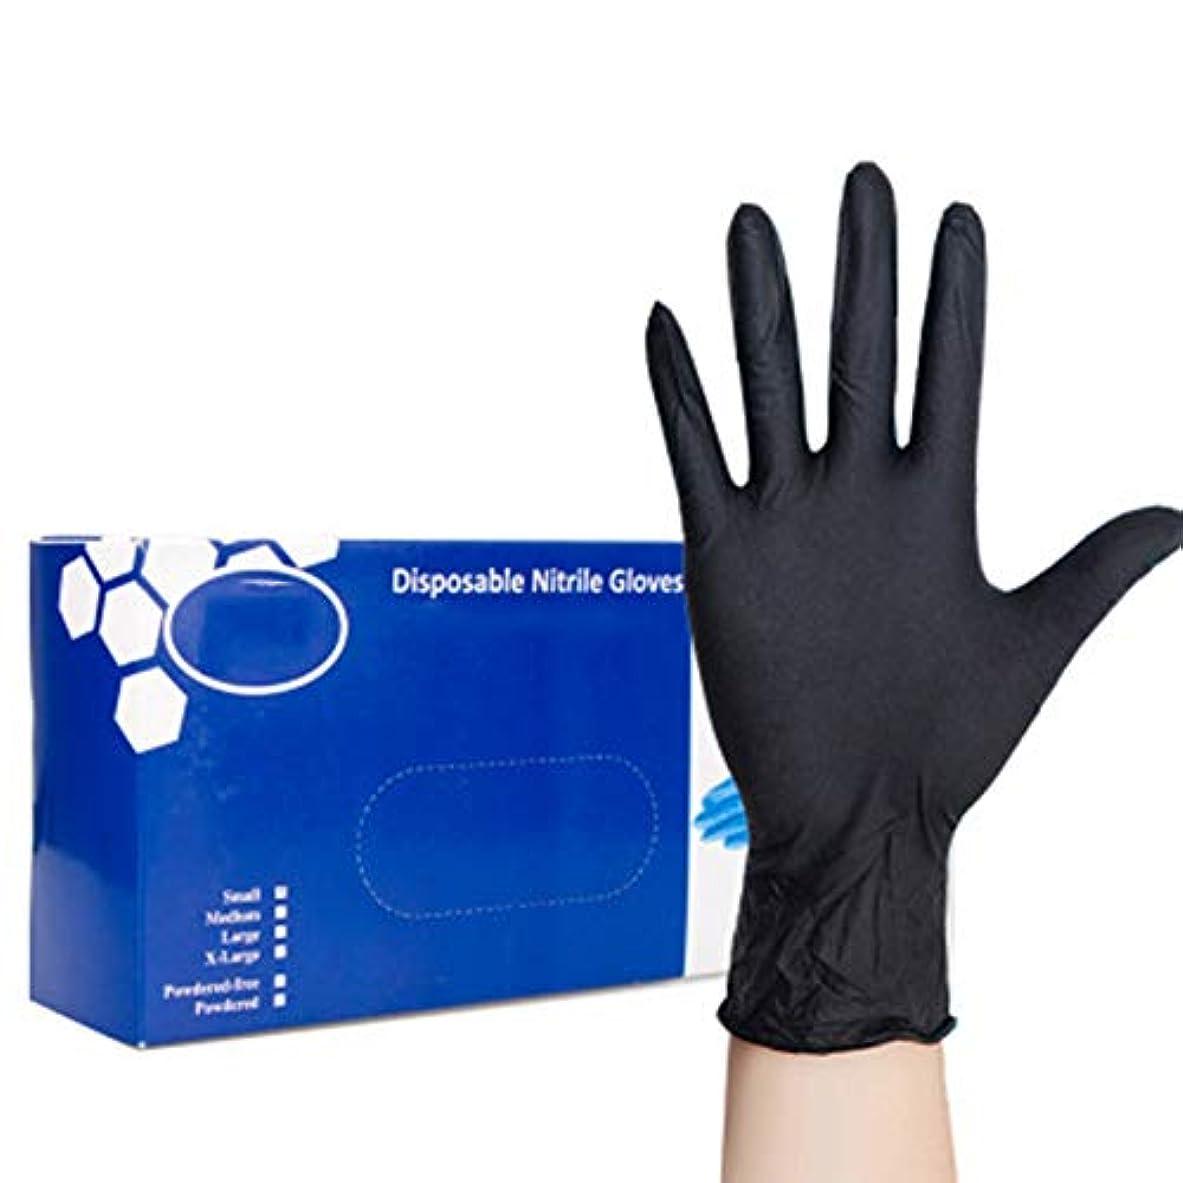 博物館剥離トースト使い捨てニトリル手袋 滑りにくい 超弾性 多用途 黒 耐摩耗性および耐汚染性の美容サロングローブ(1箱100個)